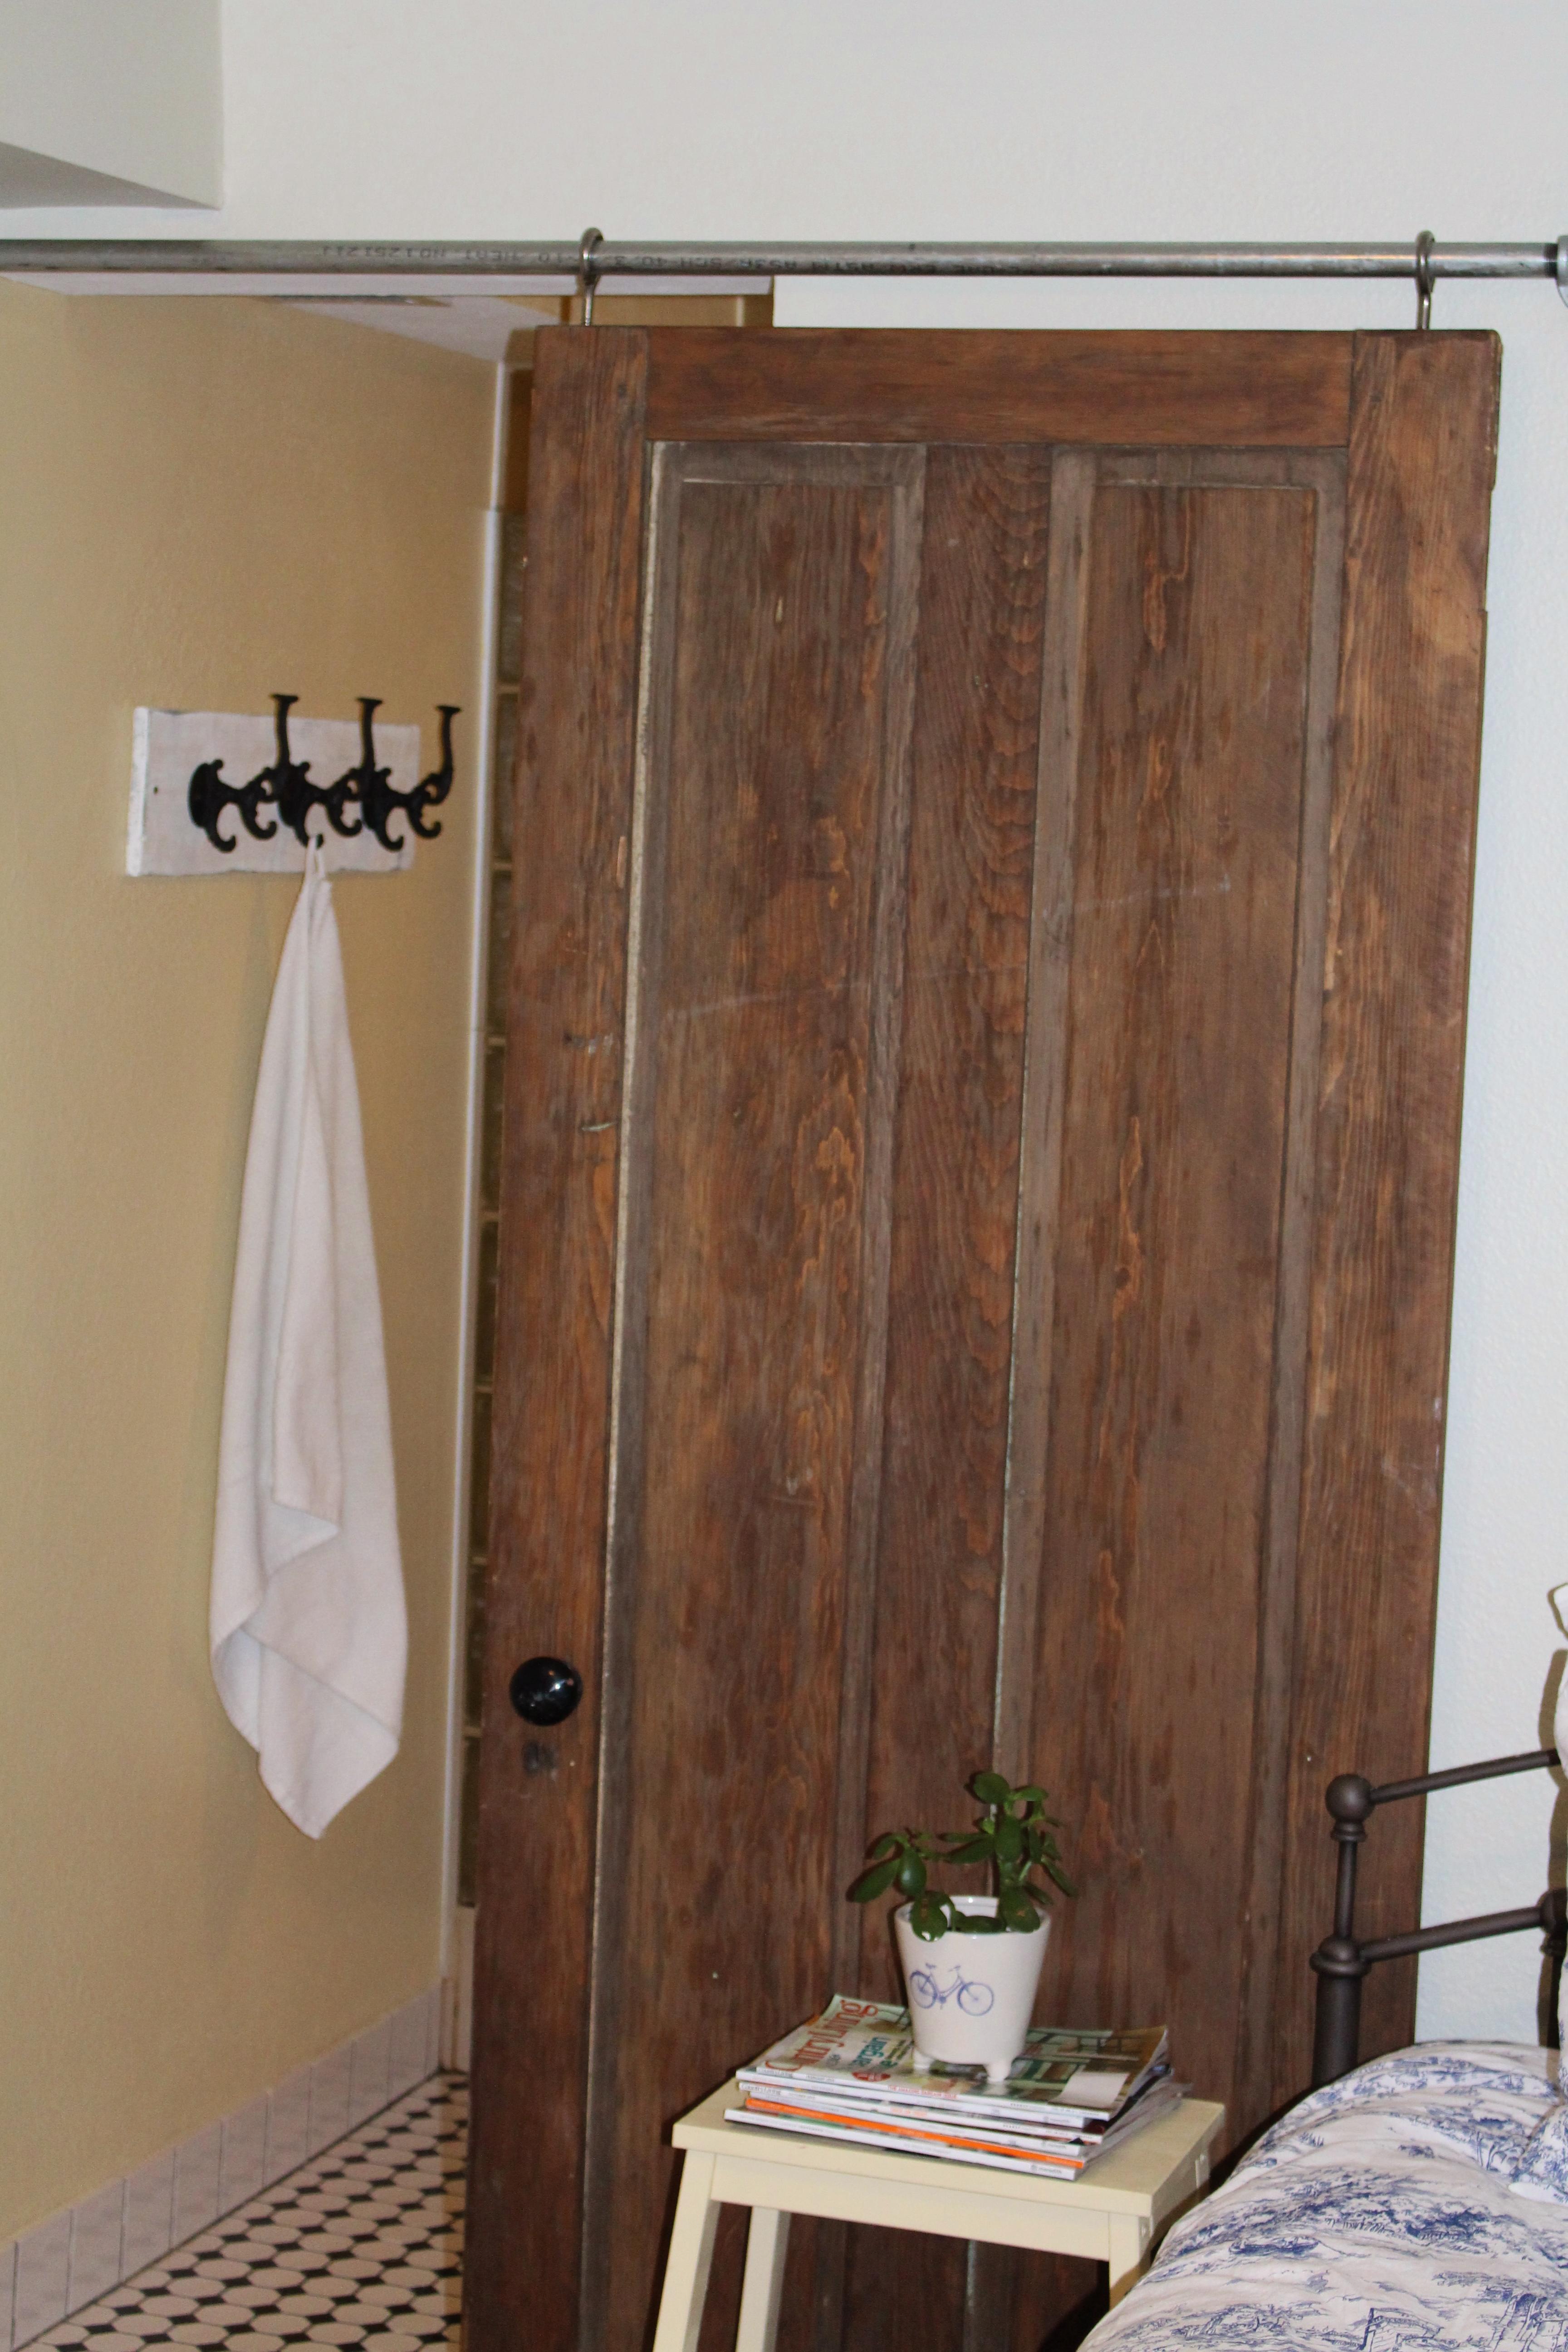 Diy sliding bathroom door - Diy Industrial Sliding Door